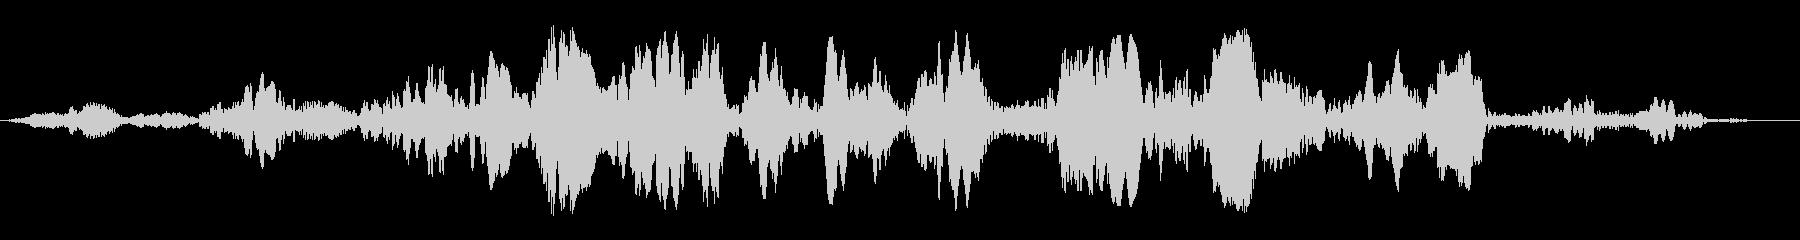 プワプワプワ(回転音)の未再生の波形